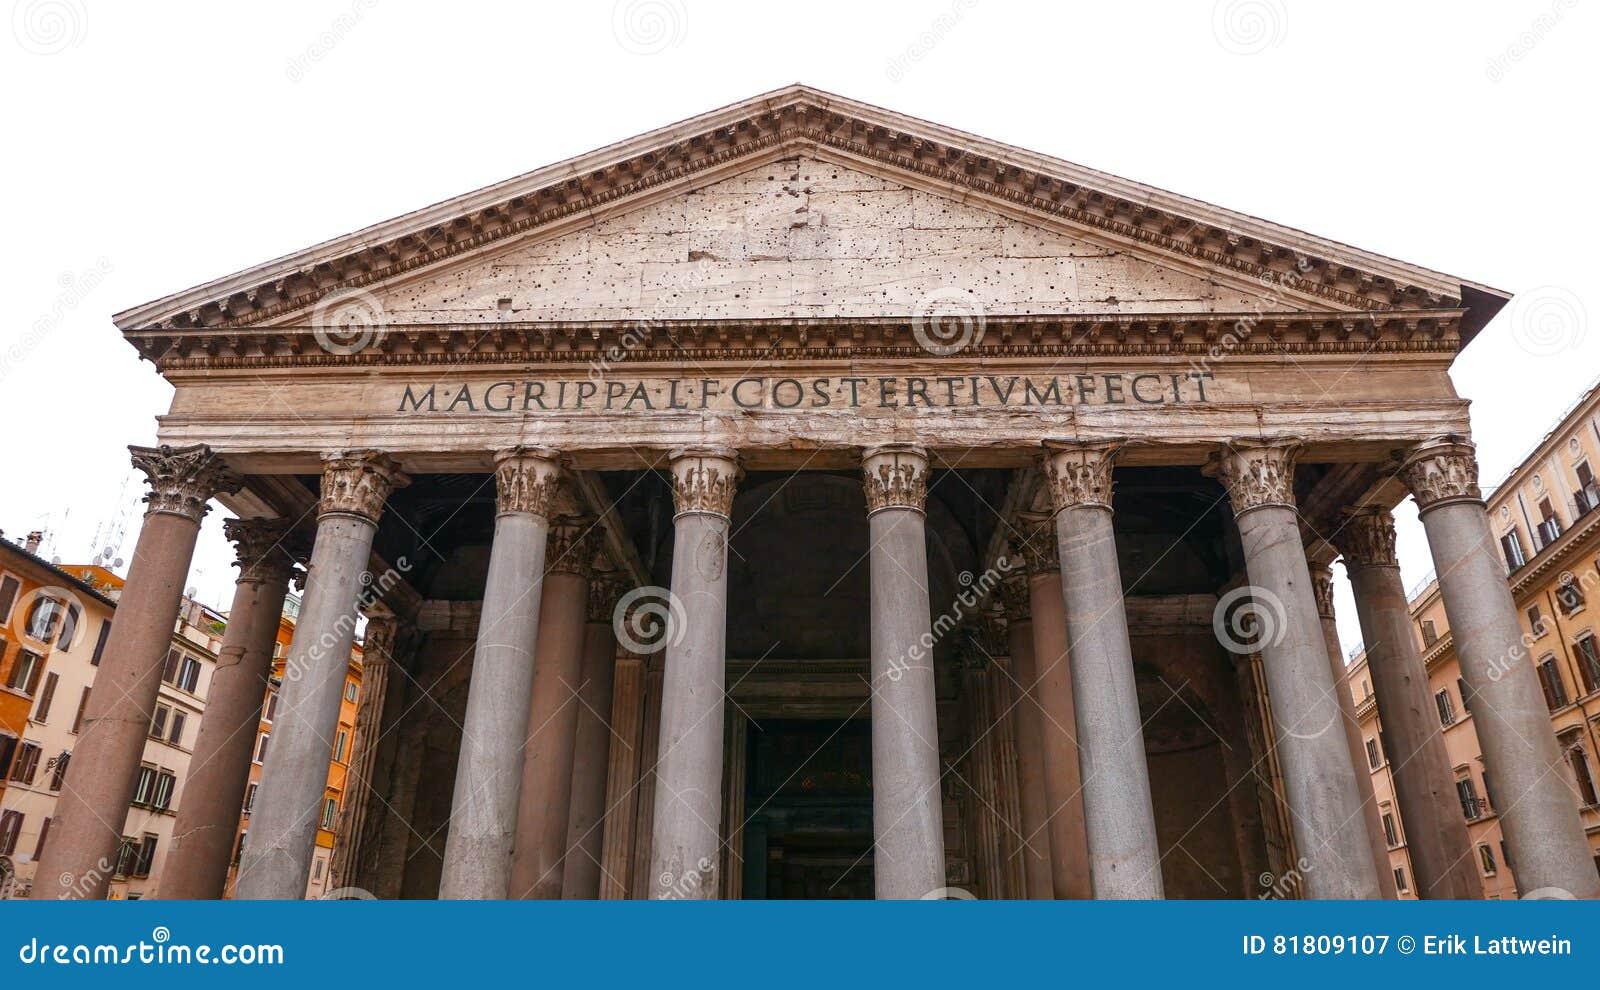 Впечатляющее здание пантеона в историческом центре города Рима